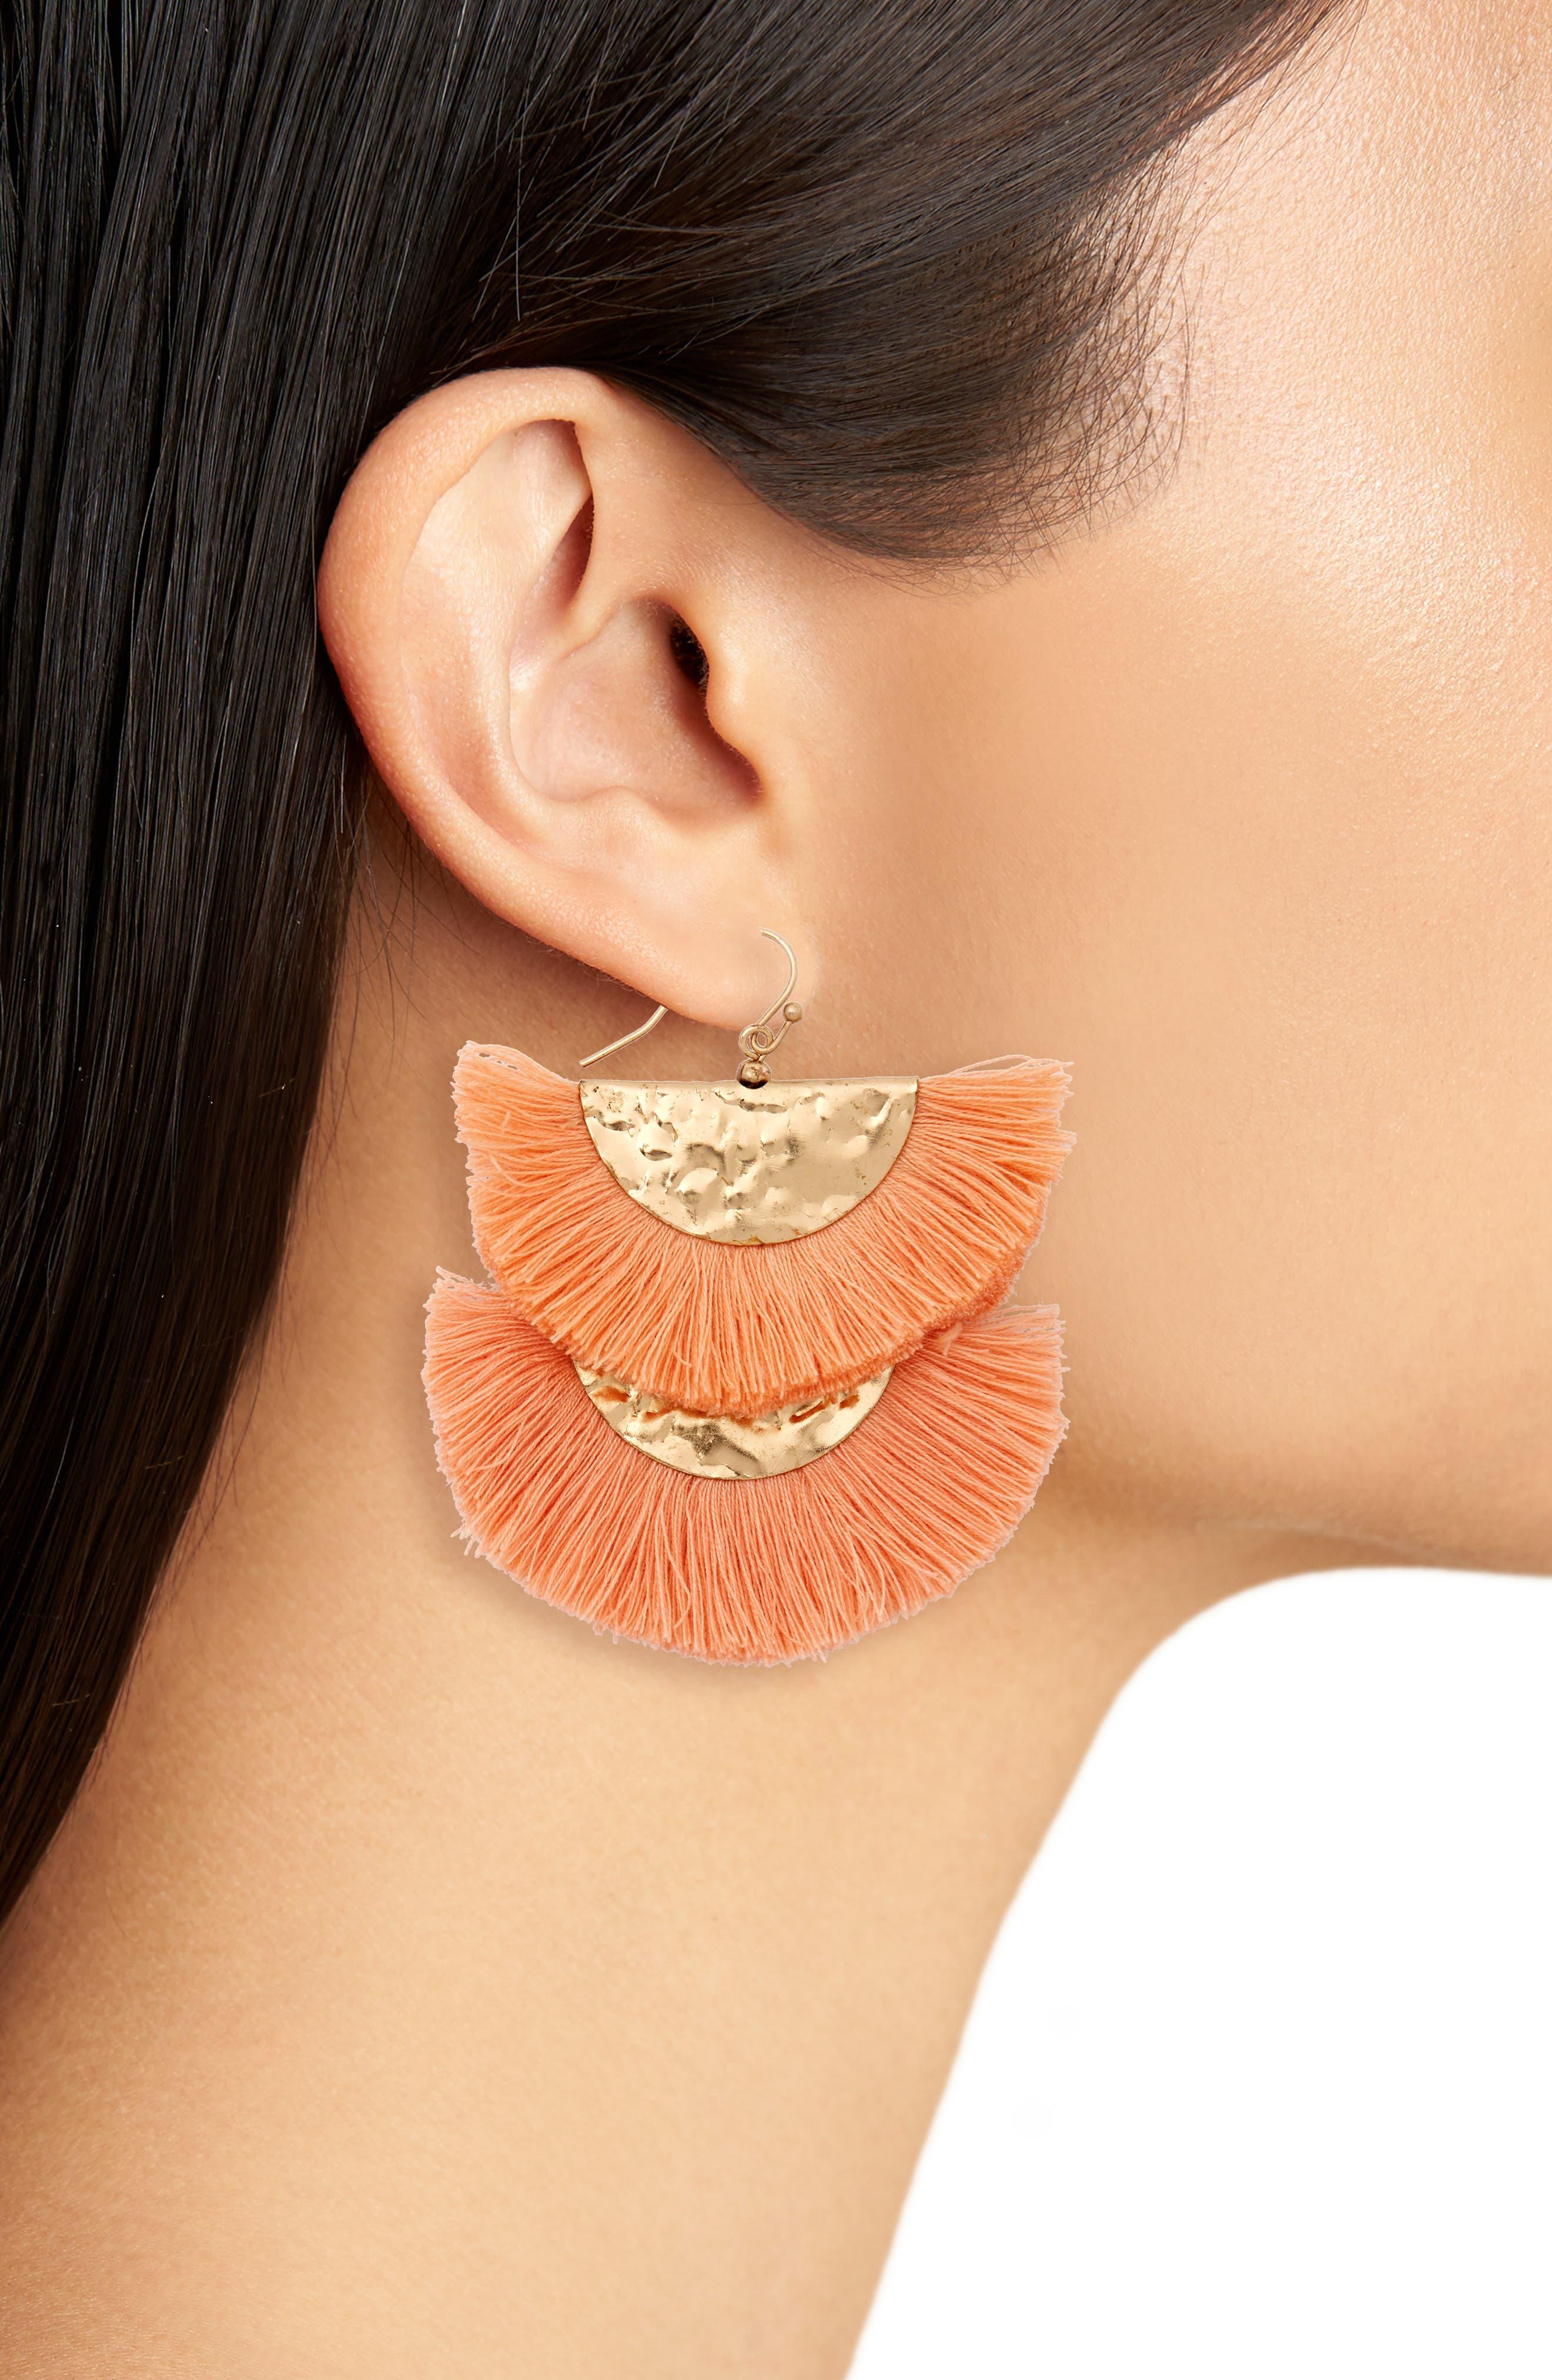 Two Tier Fan Earrings,                             Alternate thumbnail 2, color,                             Orange/ Gold